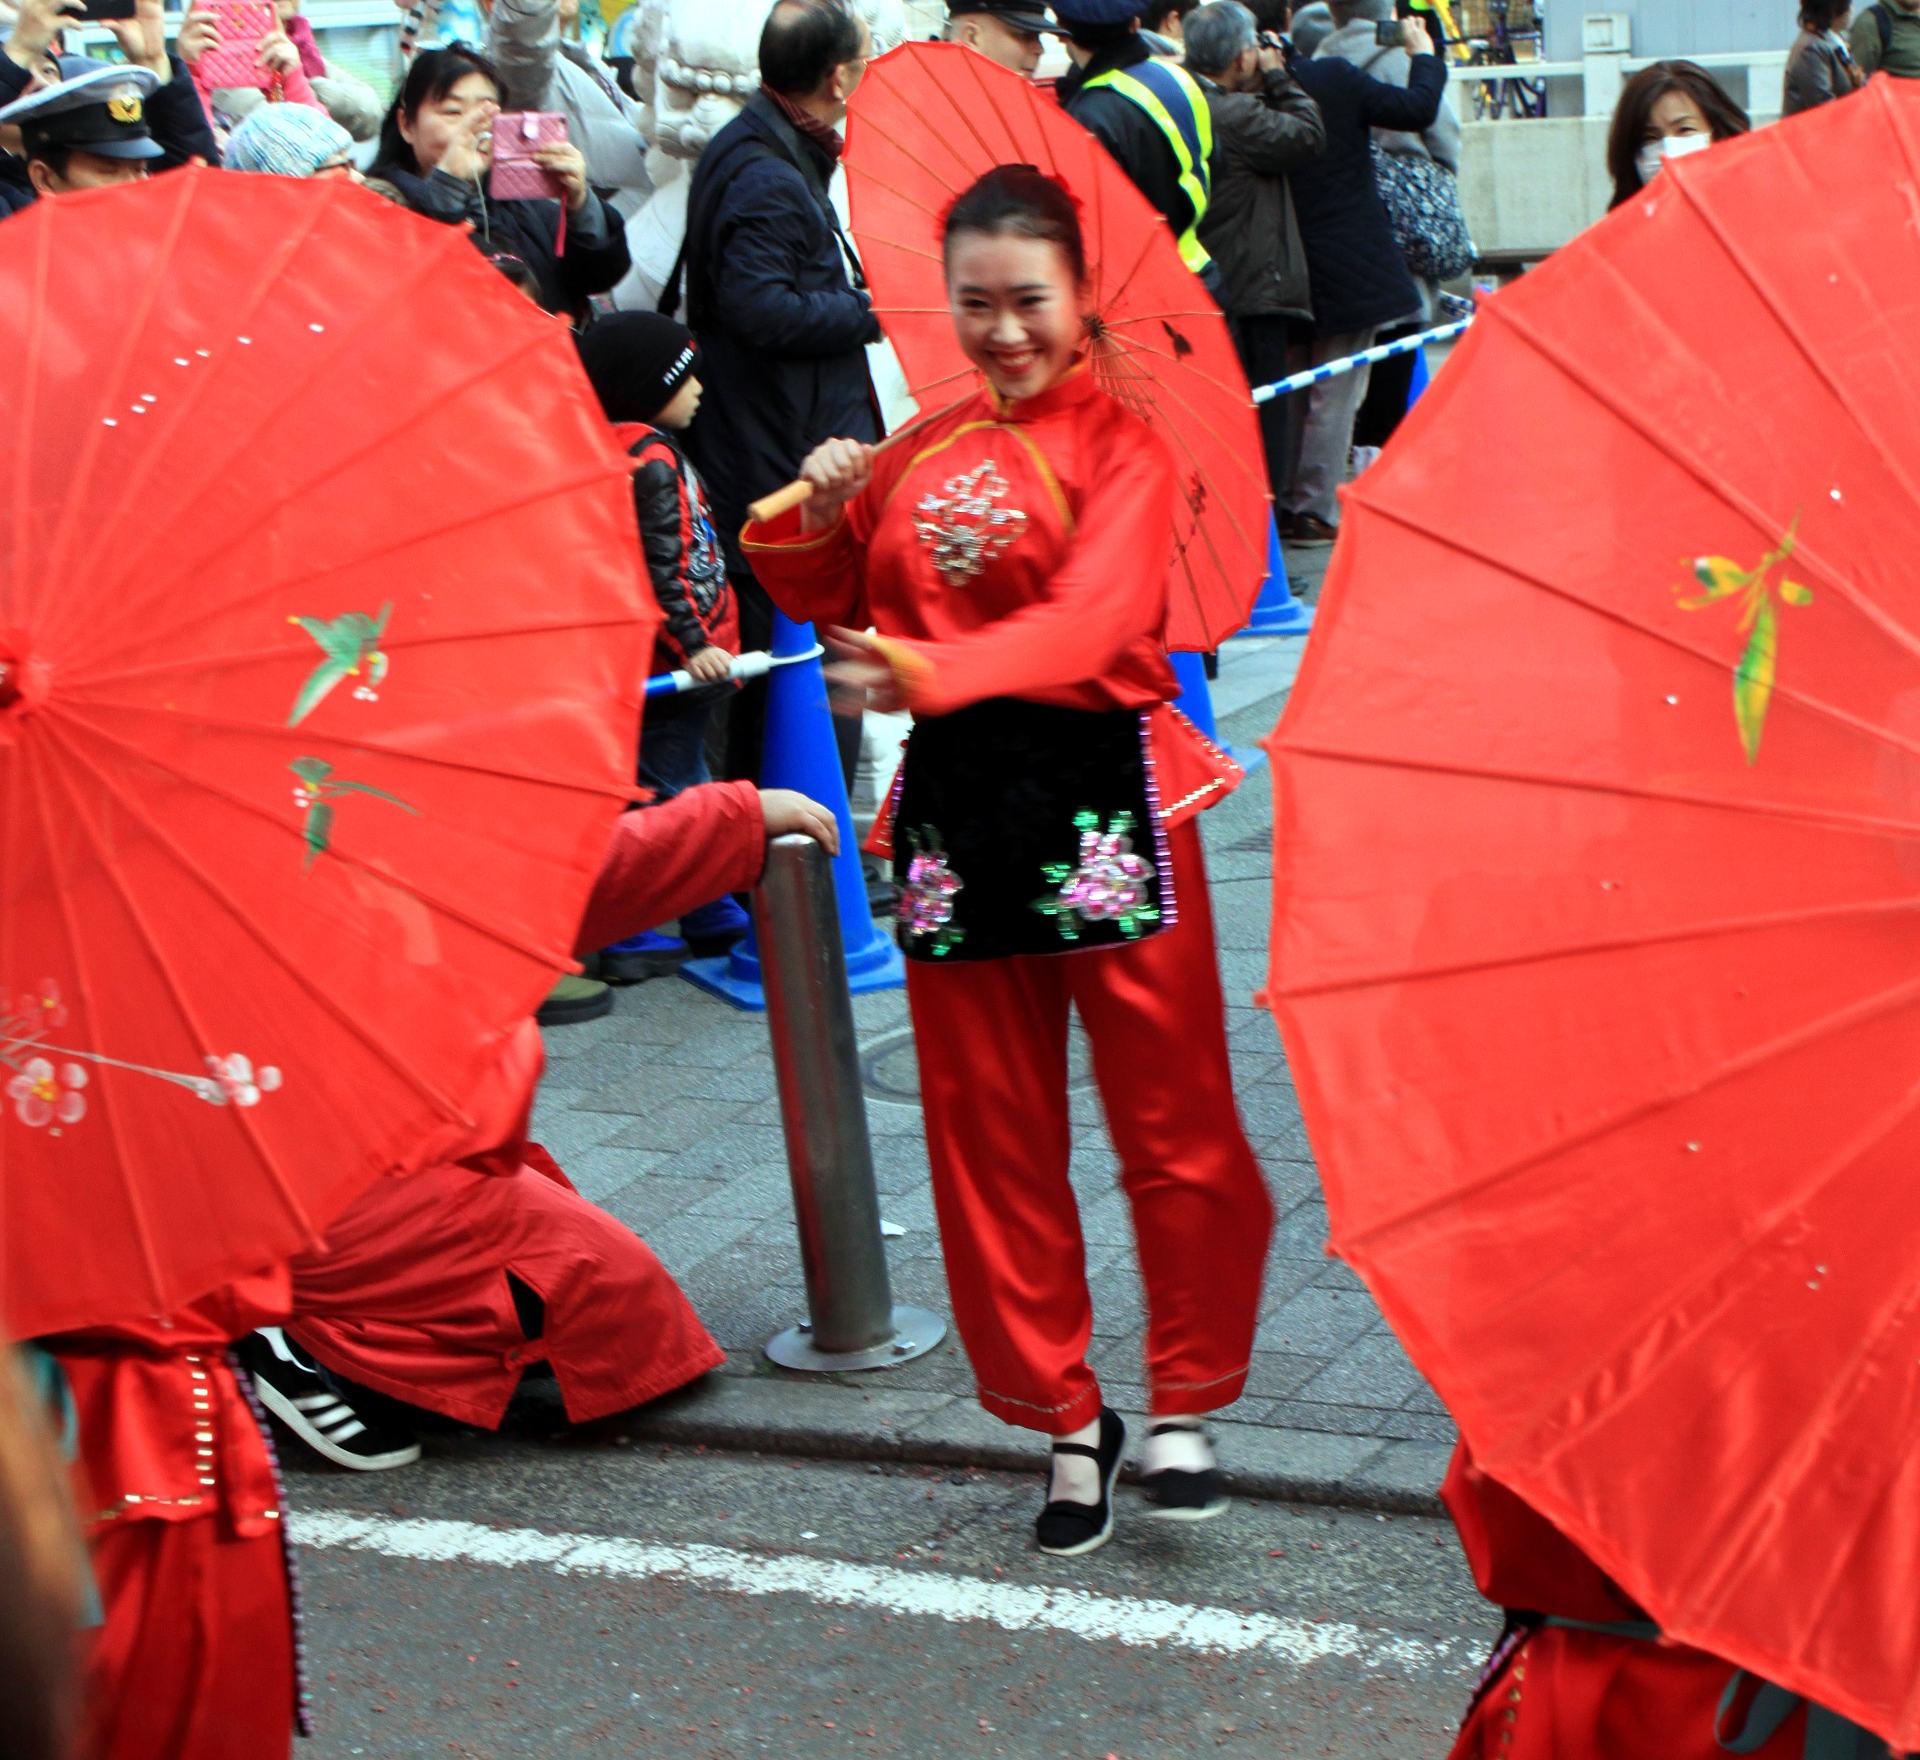 yokohama święto kobiety taniec nowy rok parada chinatown chinska dzielnica iglawpodrozy